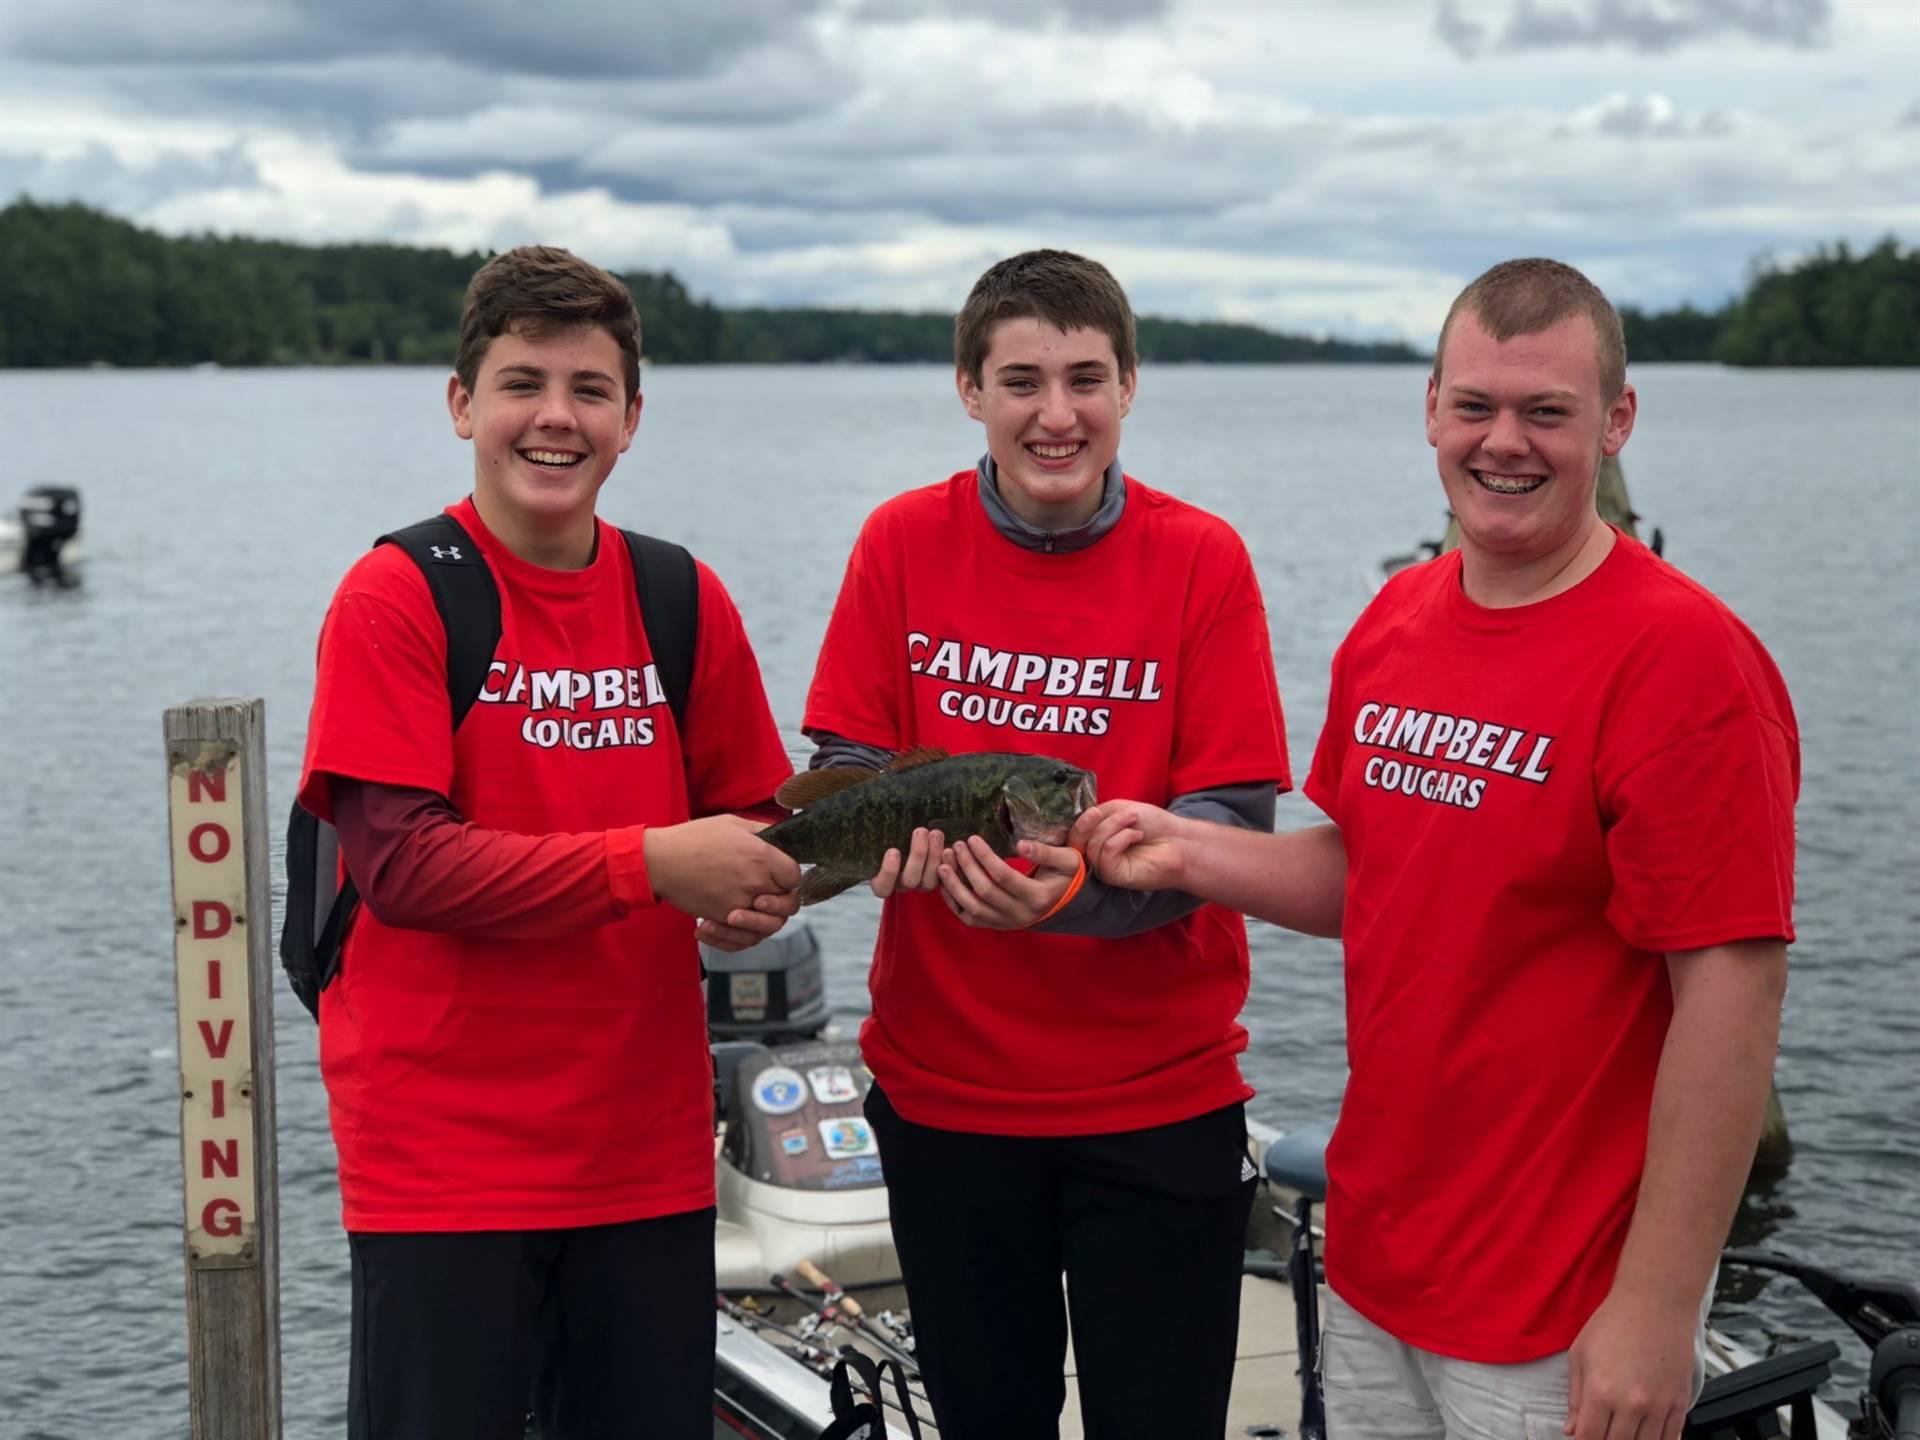 NHIAA Bass Fishing State Qualifier!